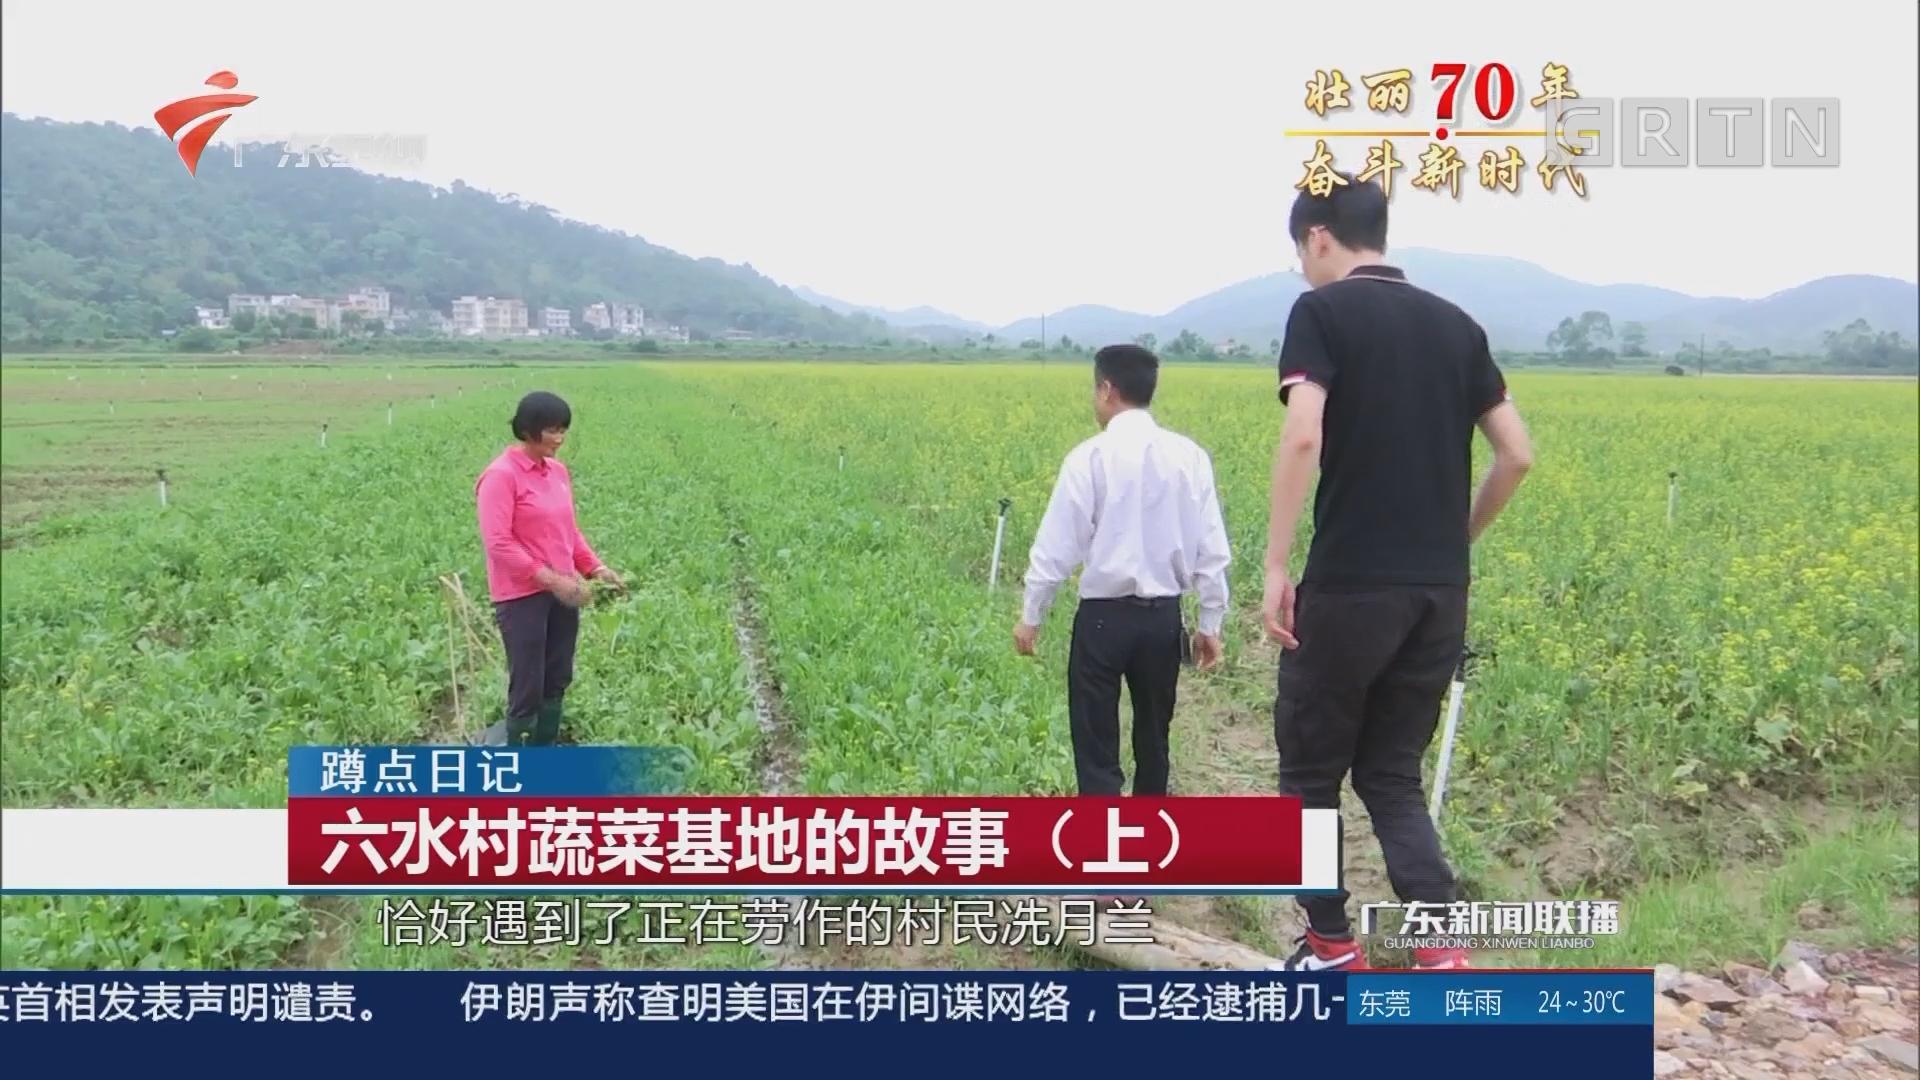 六水村蔬菜基地的故事(上)